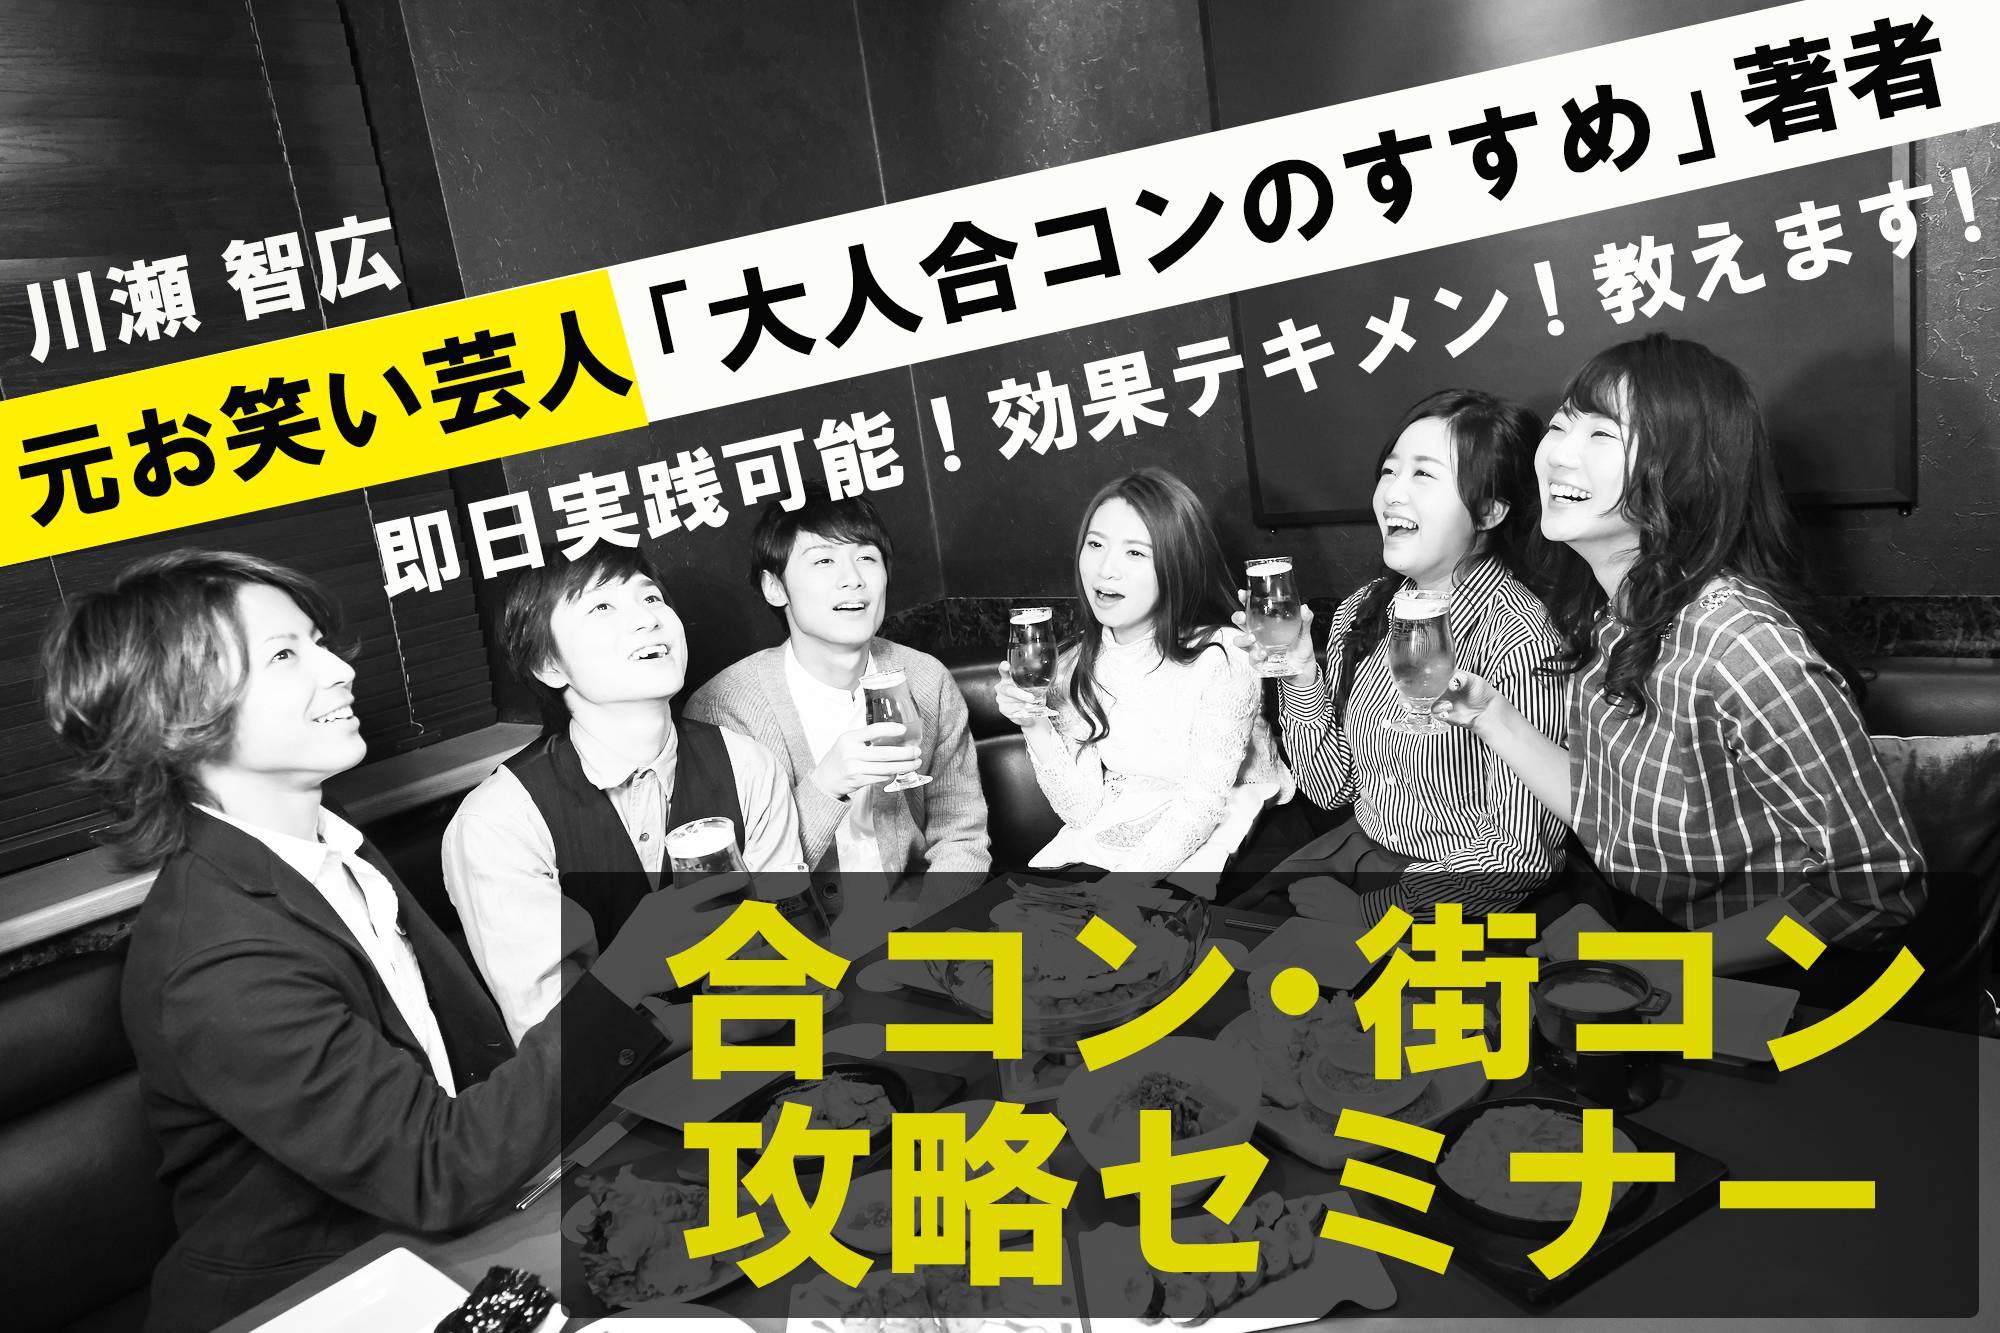 【赤坂の自分磨き】株式会社GiveGrow主催 2017年7月20日